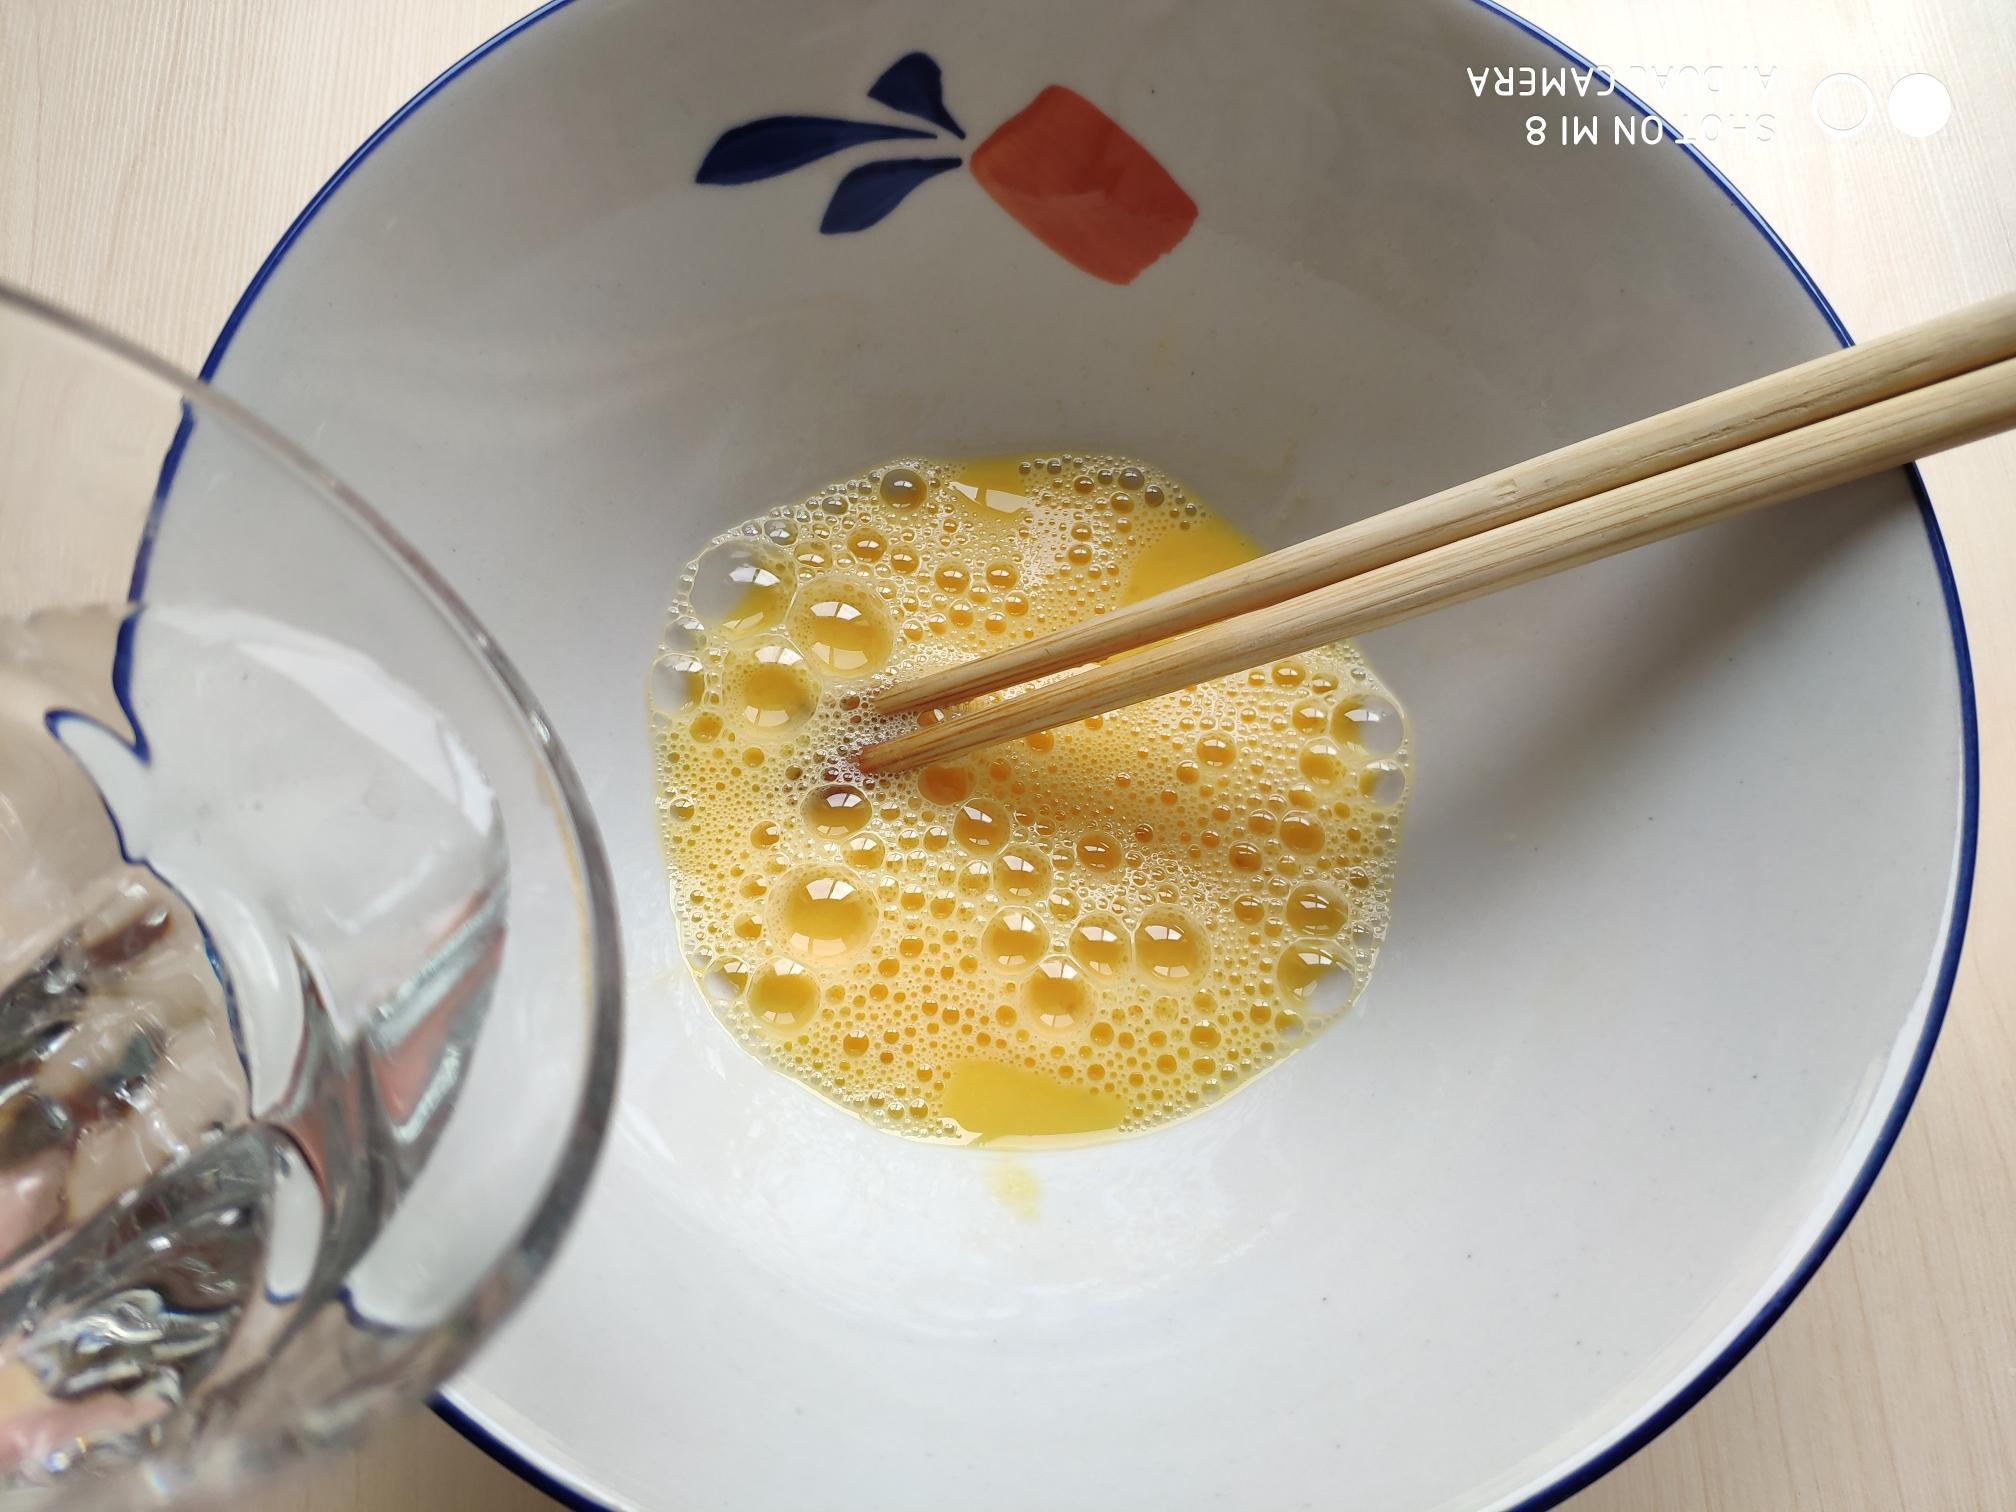 茴香小油条(不用手揉),倒入水搅匀,水先不要都倒进去,可以留一点,过会儿根据面糊的稀稠度再加。</p> <p>水的用量和鸡蛋的大小,以及面粉的干湿度有关。